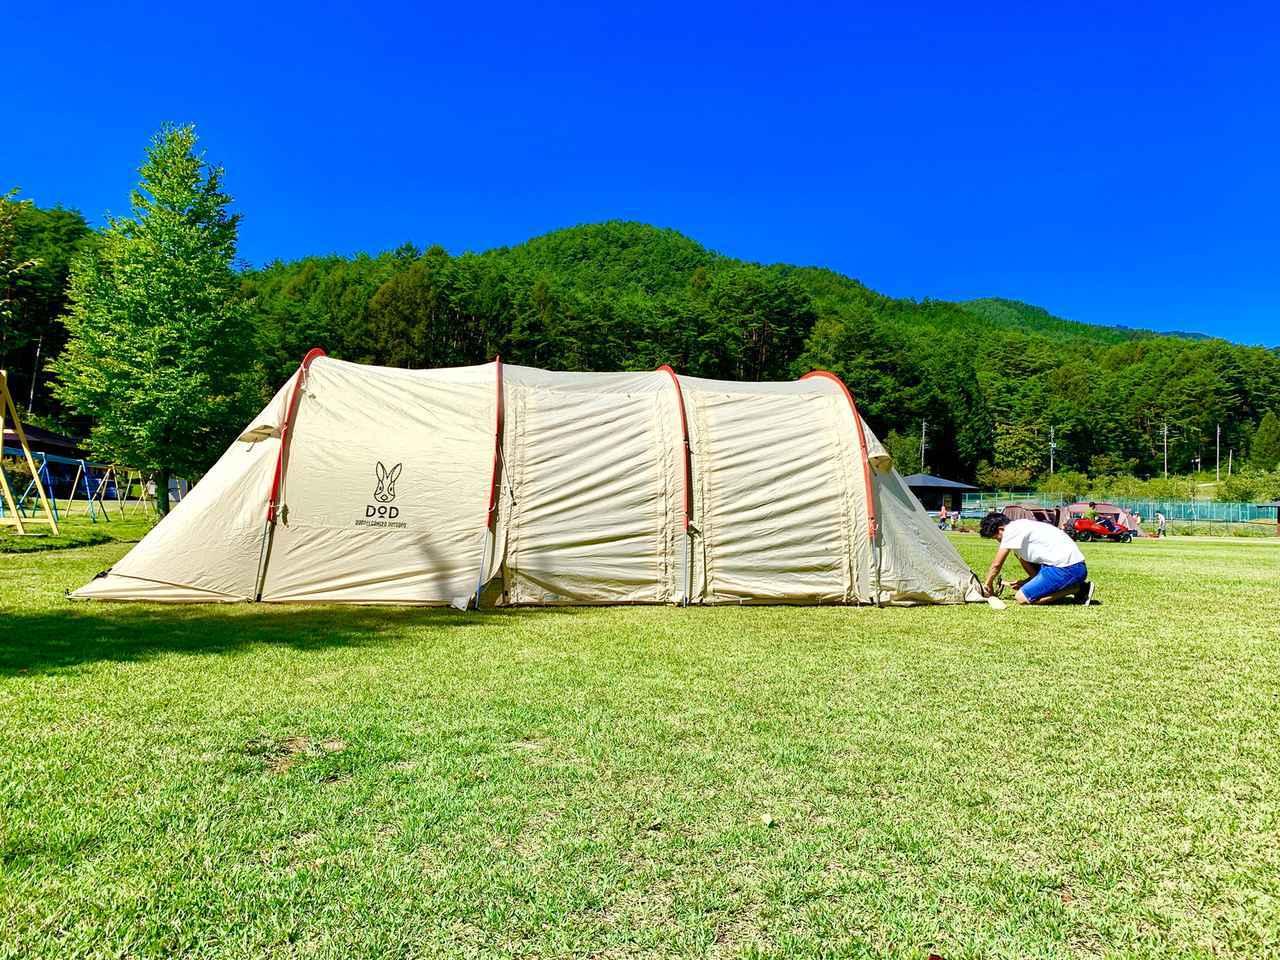 画像: 【DODのおすすめテント10選】気になる評判をチェックしてディーオーディーの最強テントを選ぼう! - ハピキャン|キャンプ・アウトドア情報メディア